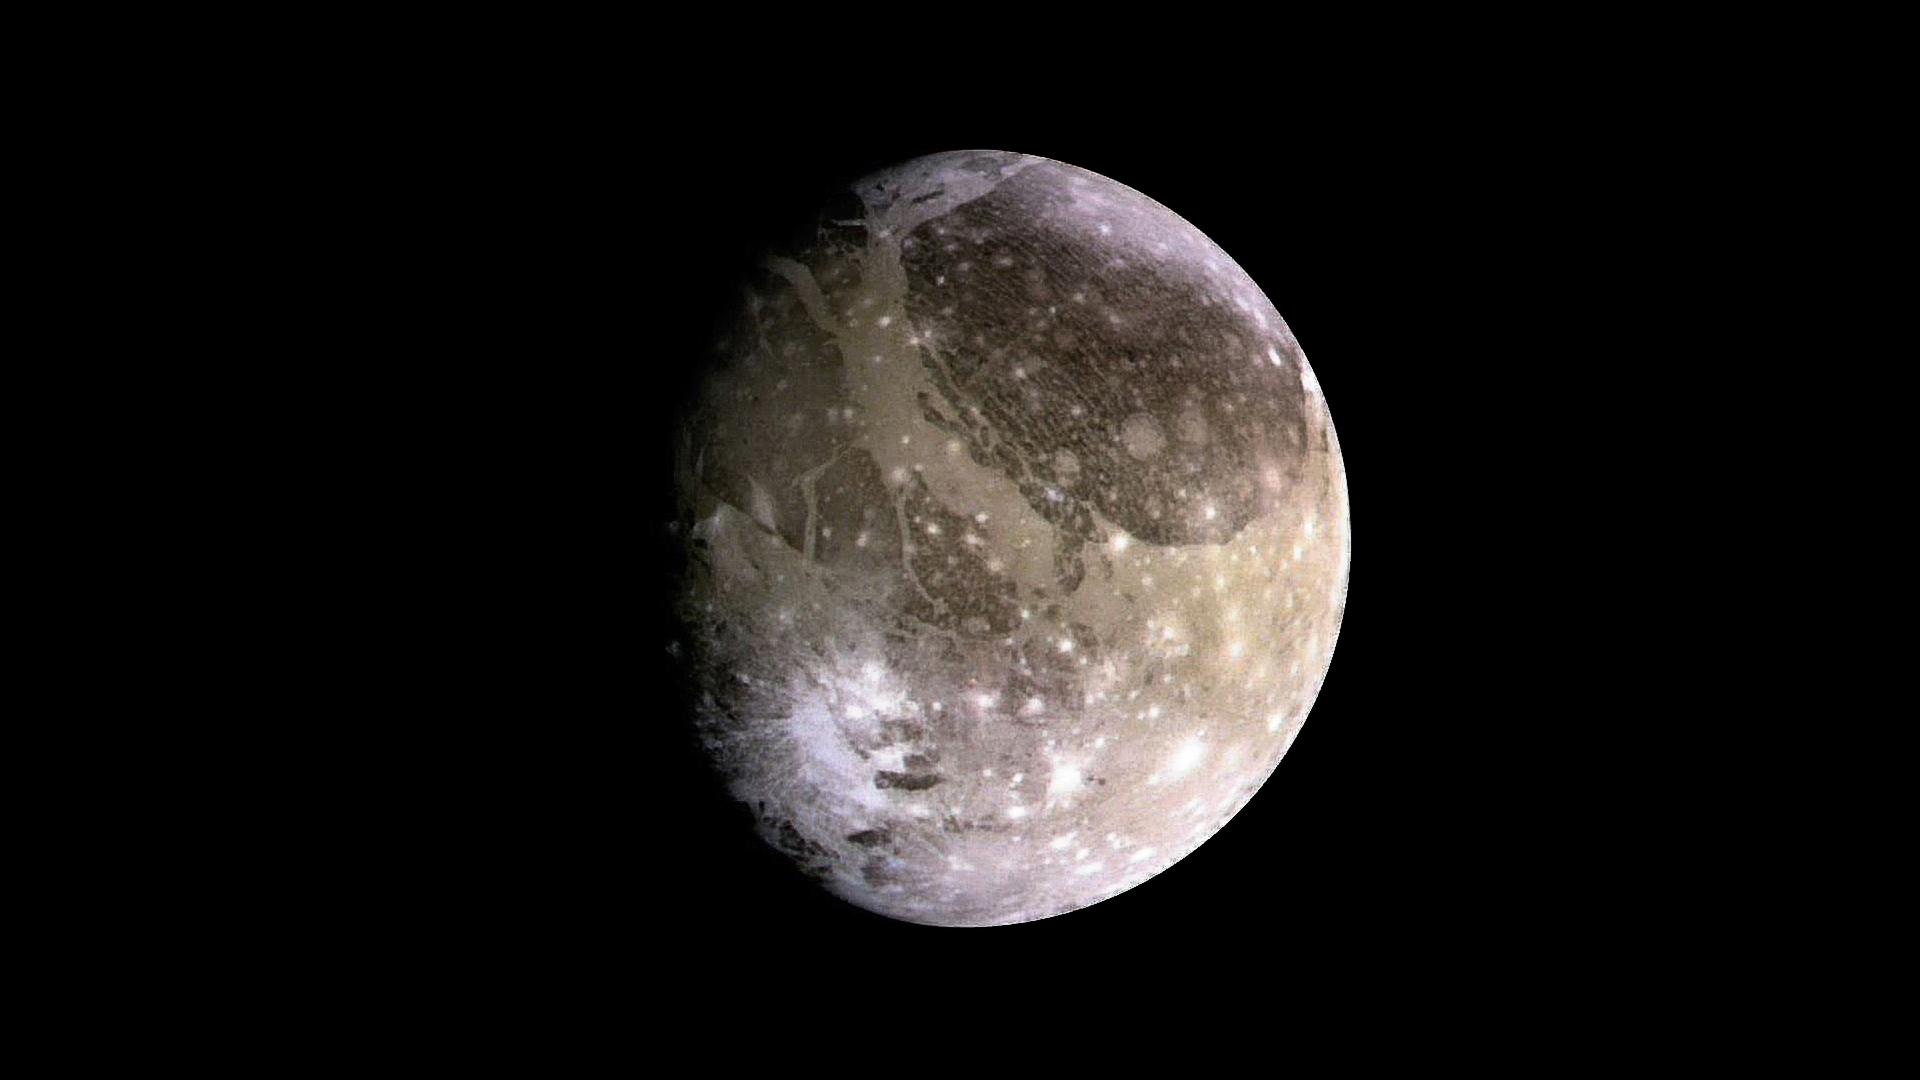 Ganymède, la lune de Jupiter, serait quasiment couverte d'un immense cratère